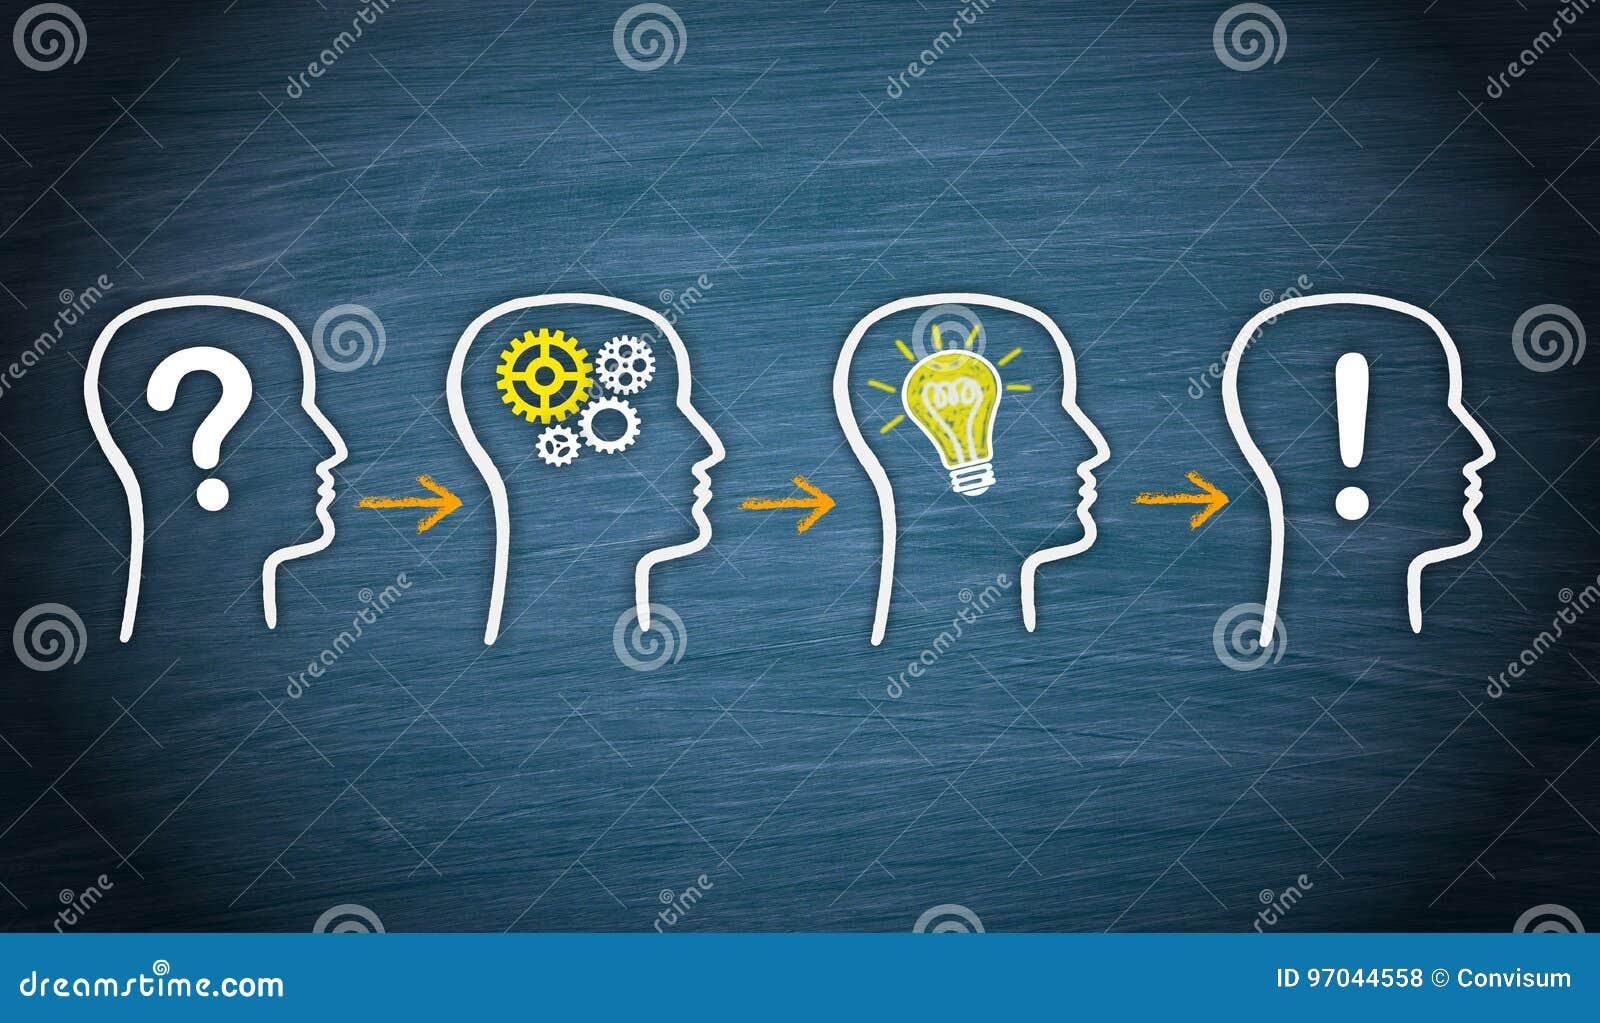 Le problème, pensent, idée, solution - concept d affaires